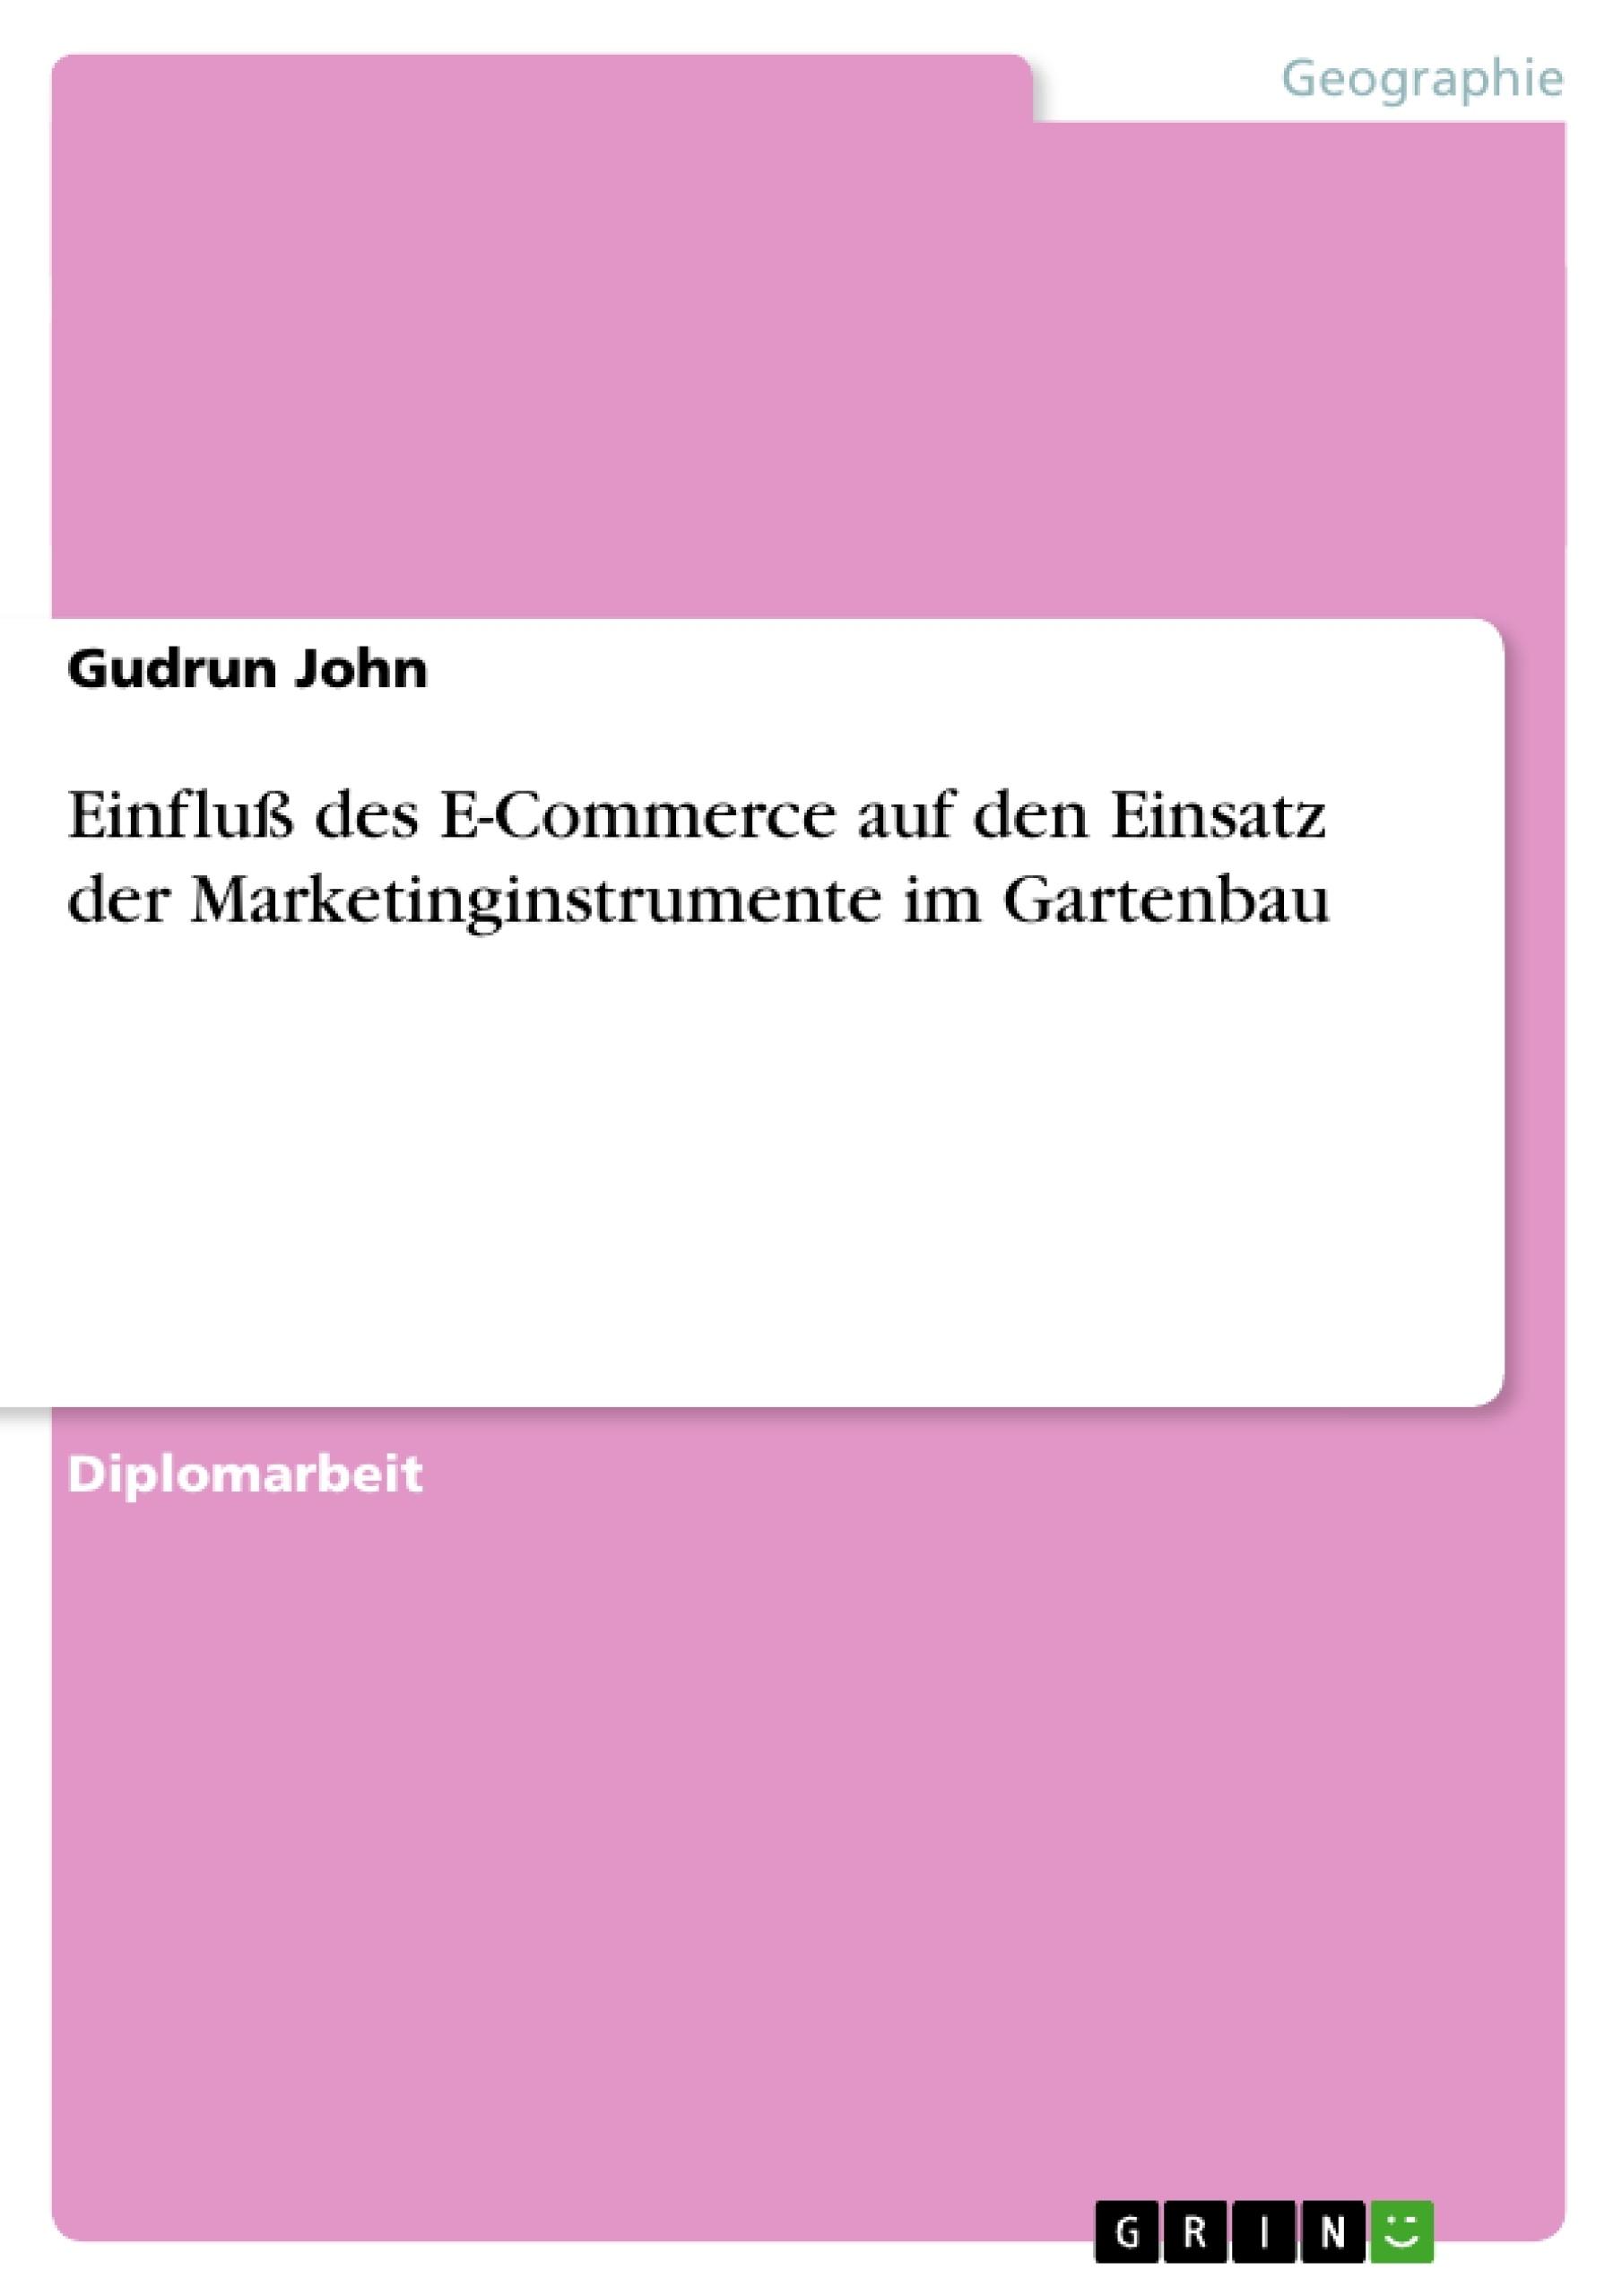 Titel: Einfluß des E-Commerce auf den Einsatz der Marketinginstrumente im Gartenbau